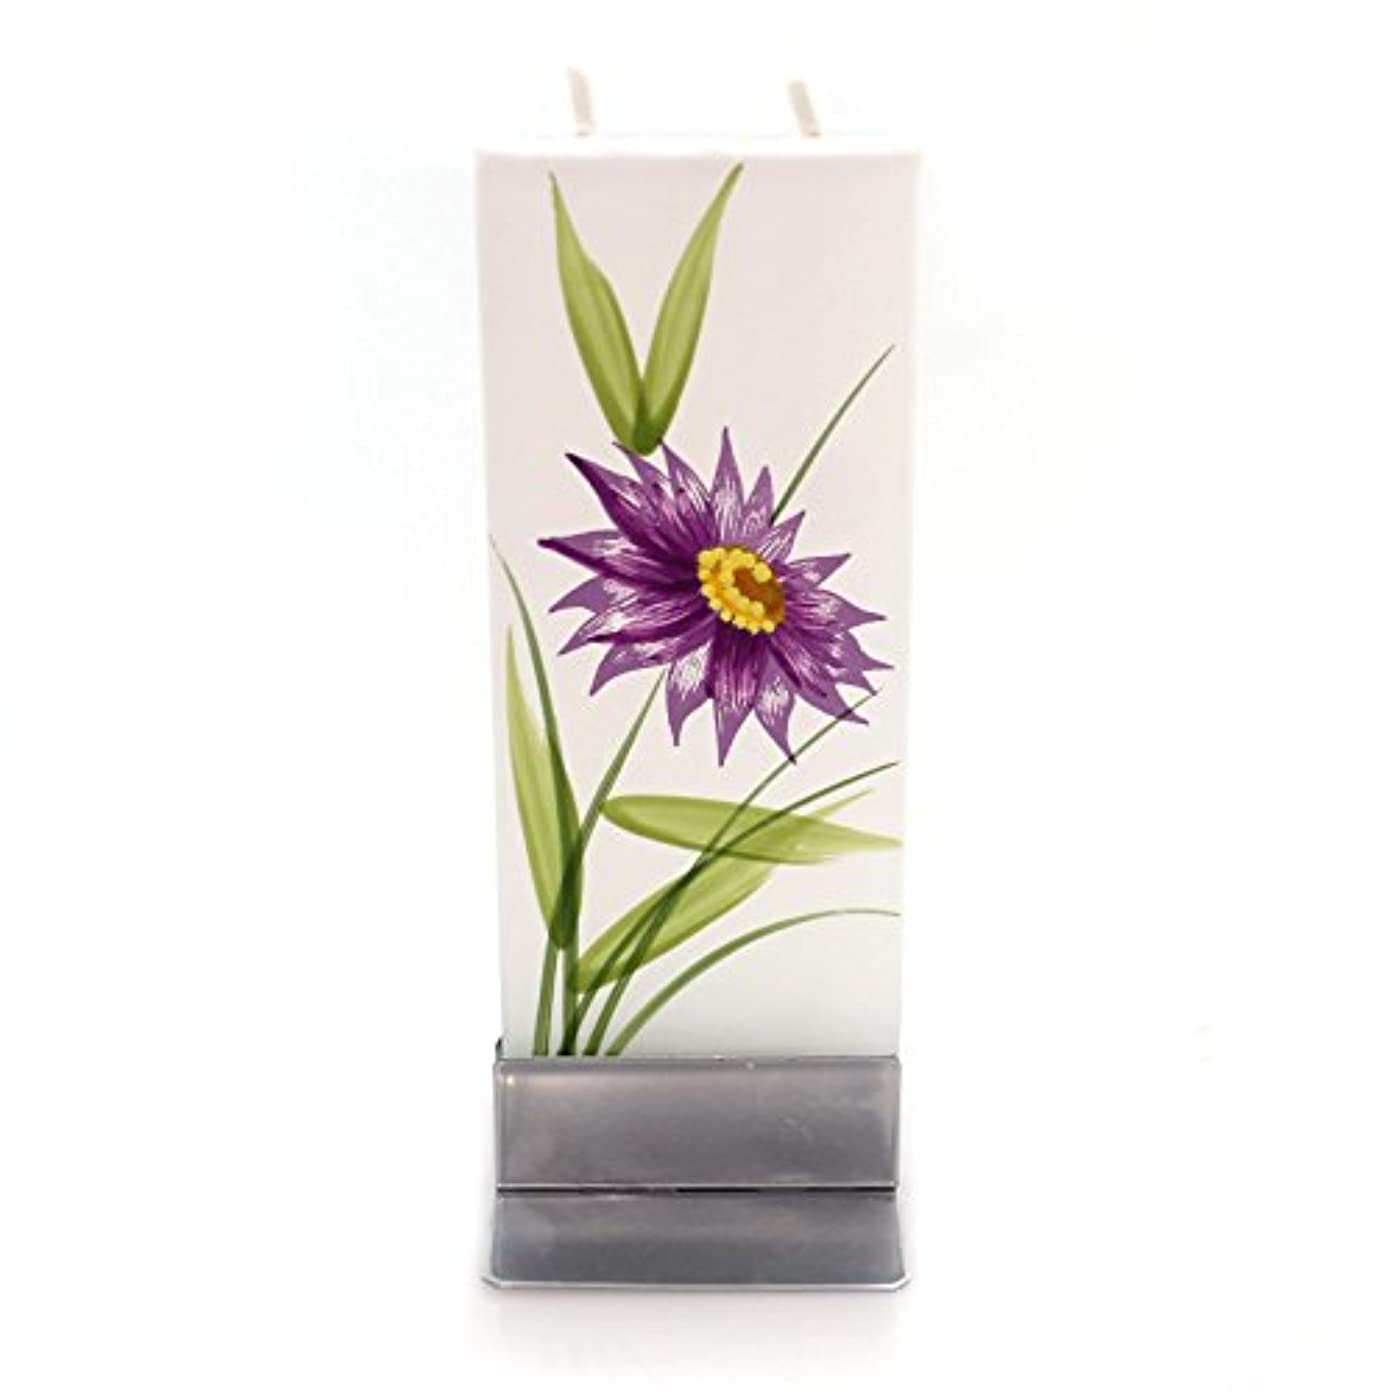 失速浮浪者事業内容ホームデコレーションパープル花W /イエローCentre Dripless Fragrance Free Candle f1640